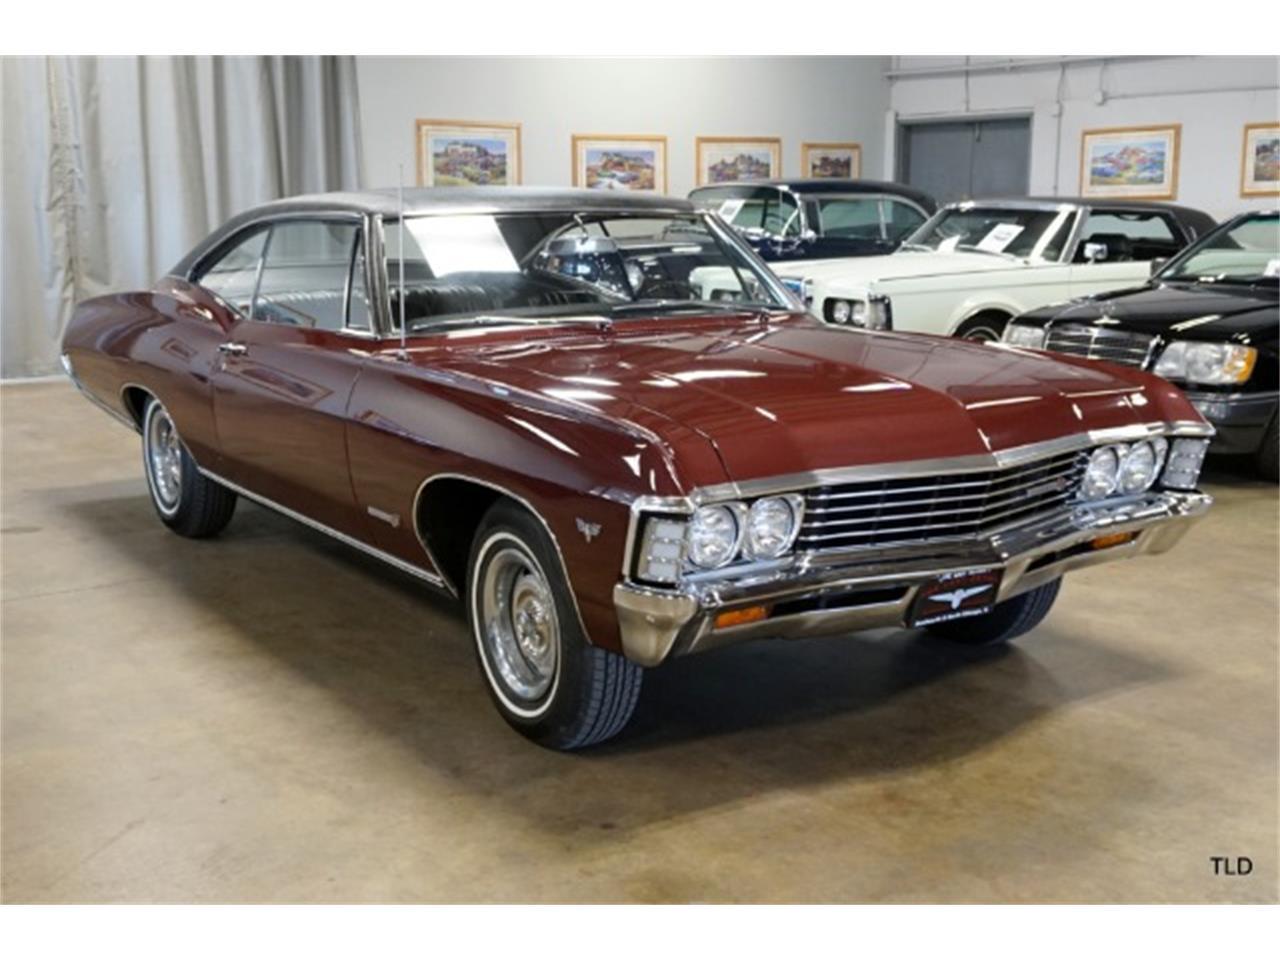 1967 Chevrolet Impala For Sale Classiccars Com Cc 1172159